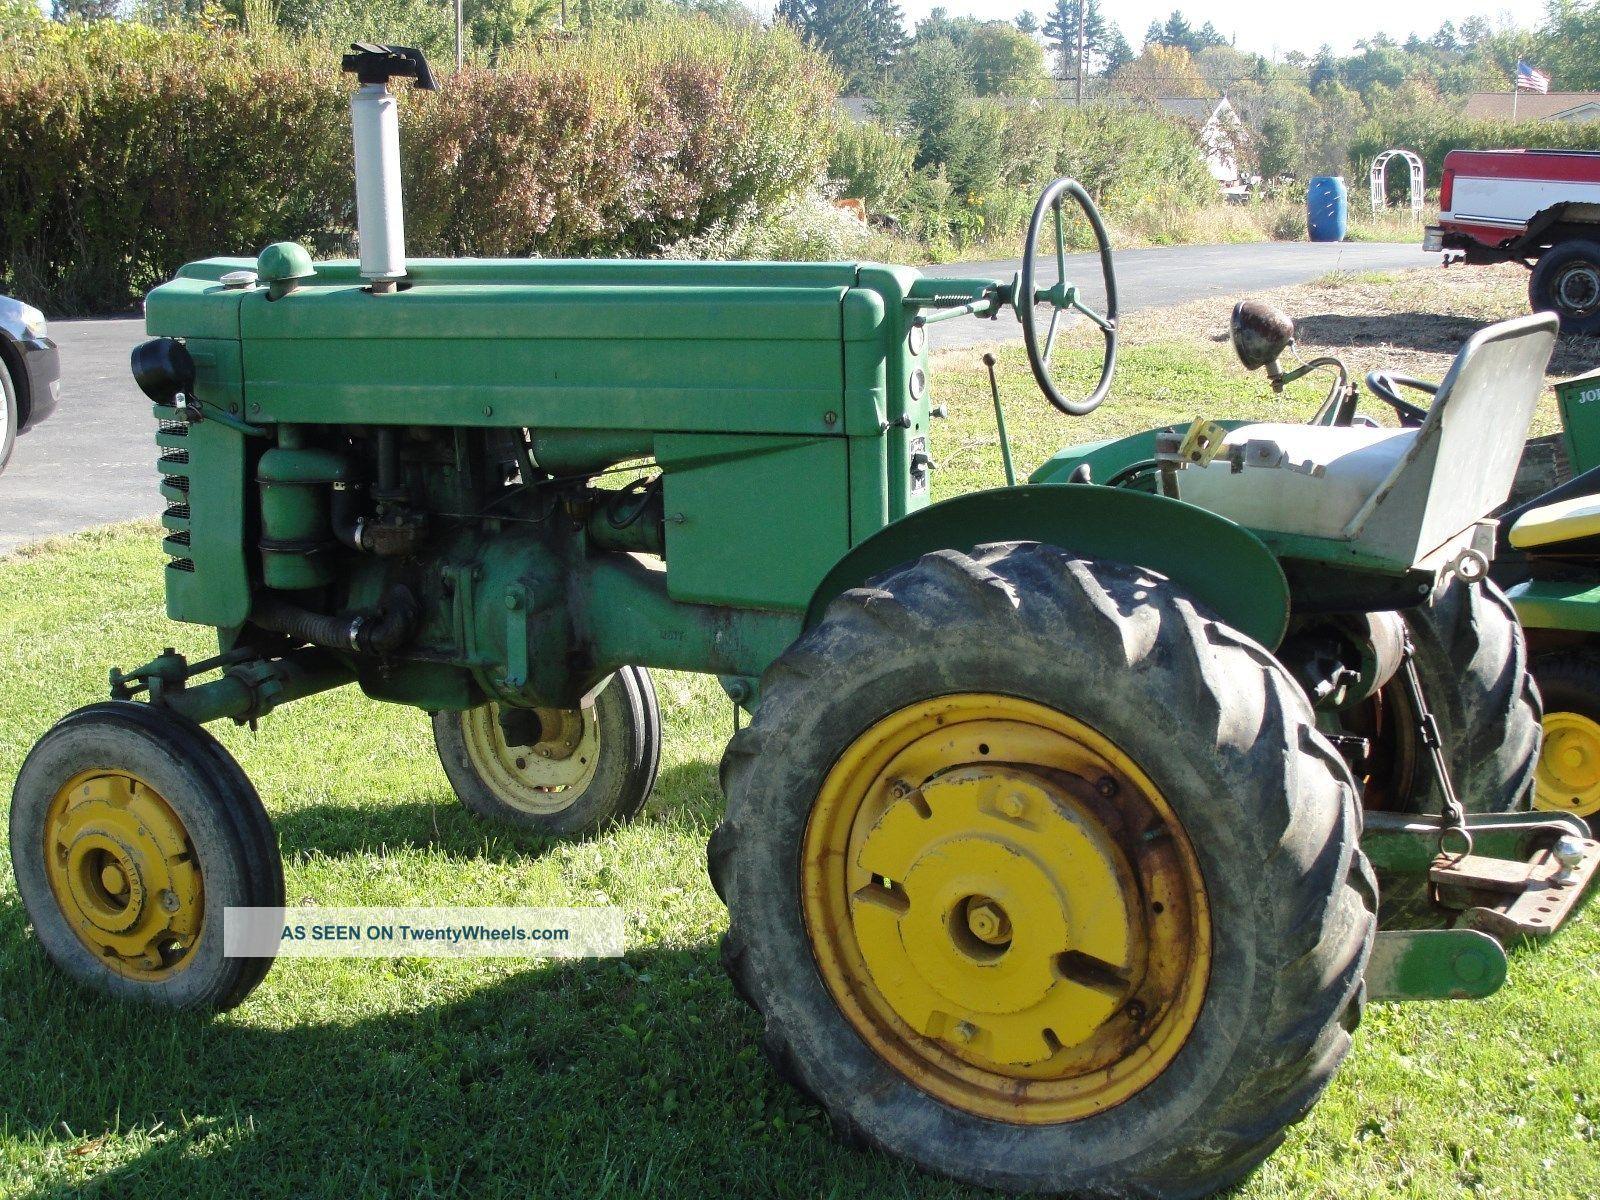 Old John Deere Tractors : Vintage john deere model m tractor